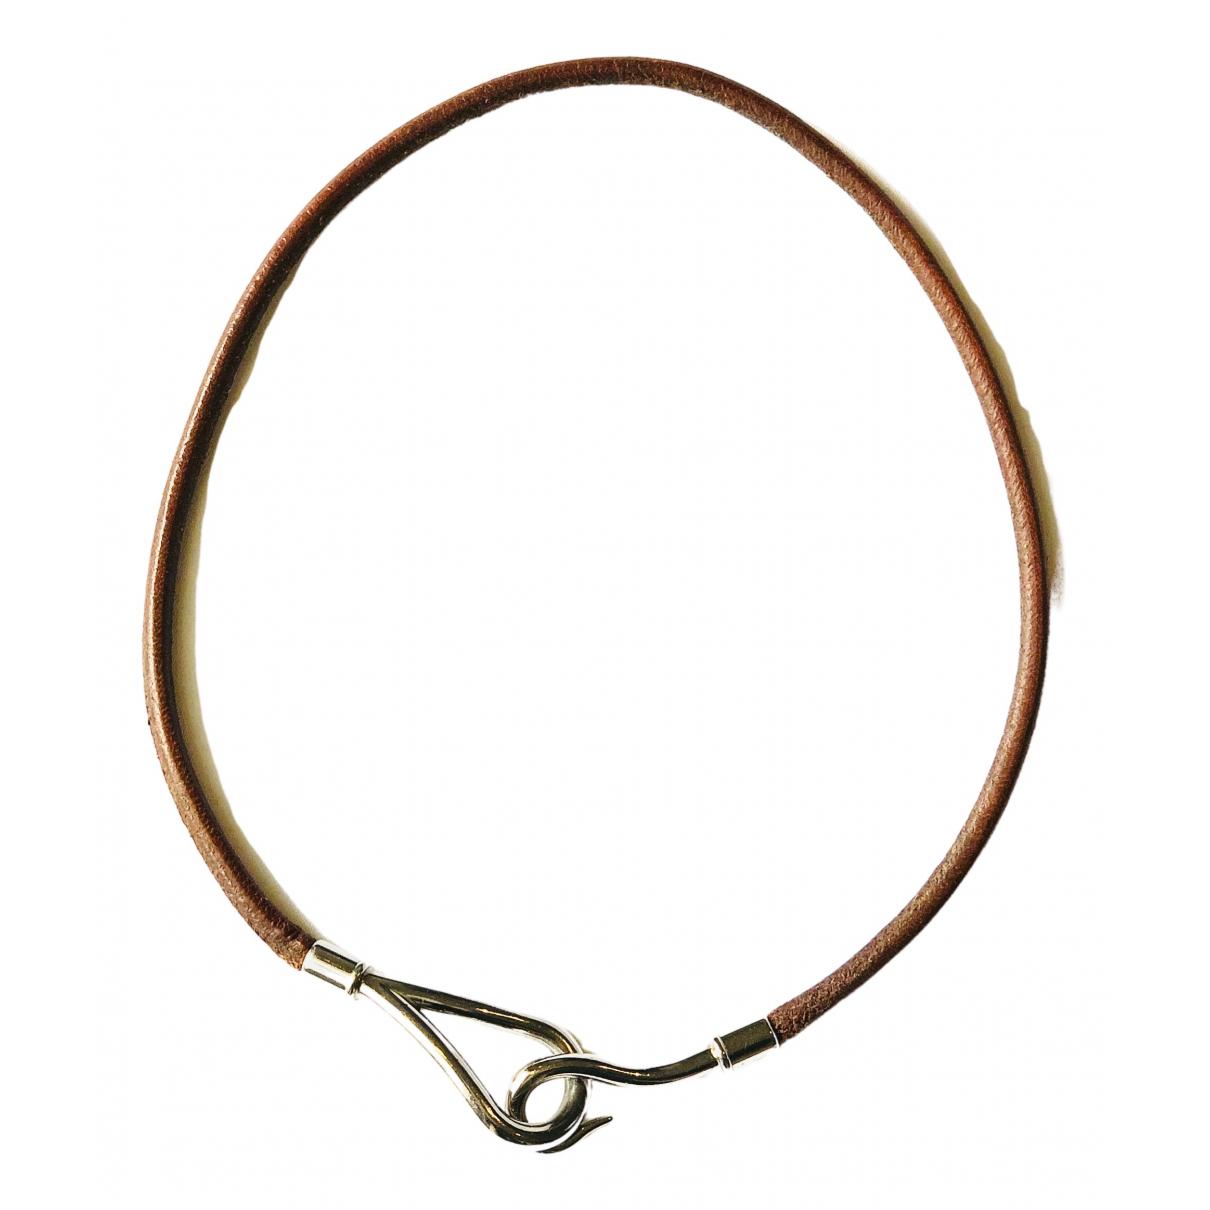 Hermes - Collier Jumbo pour femme en cuir - marron